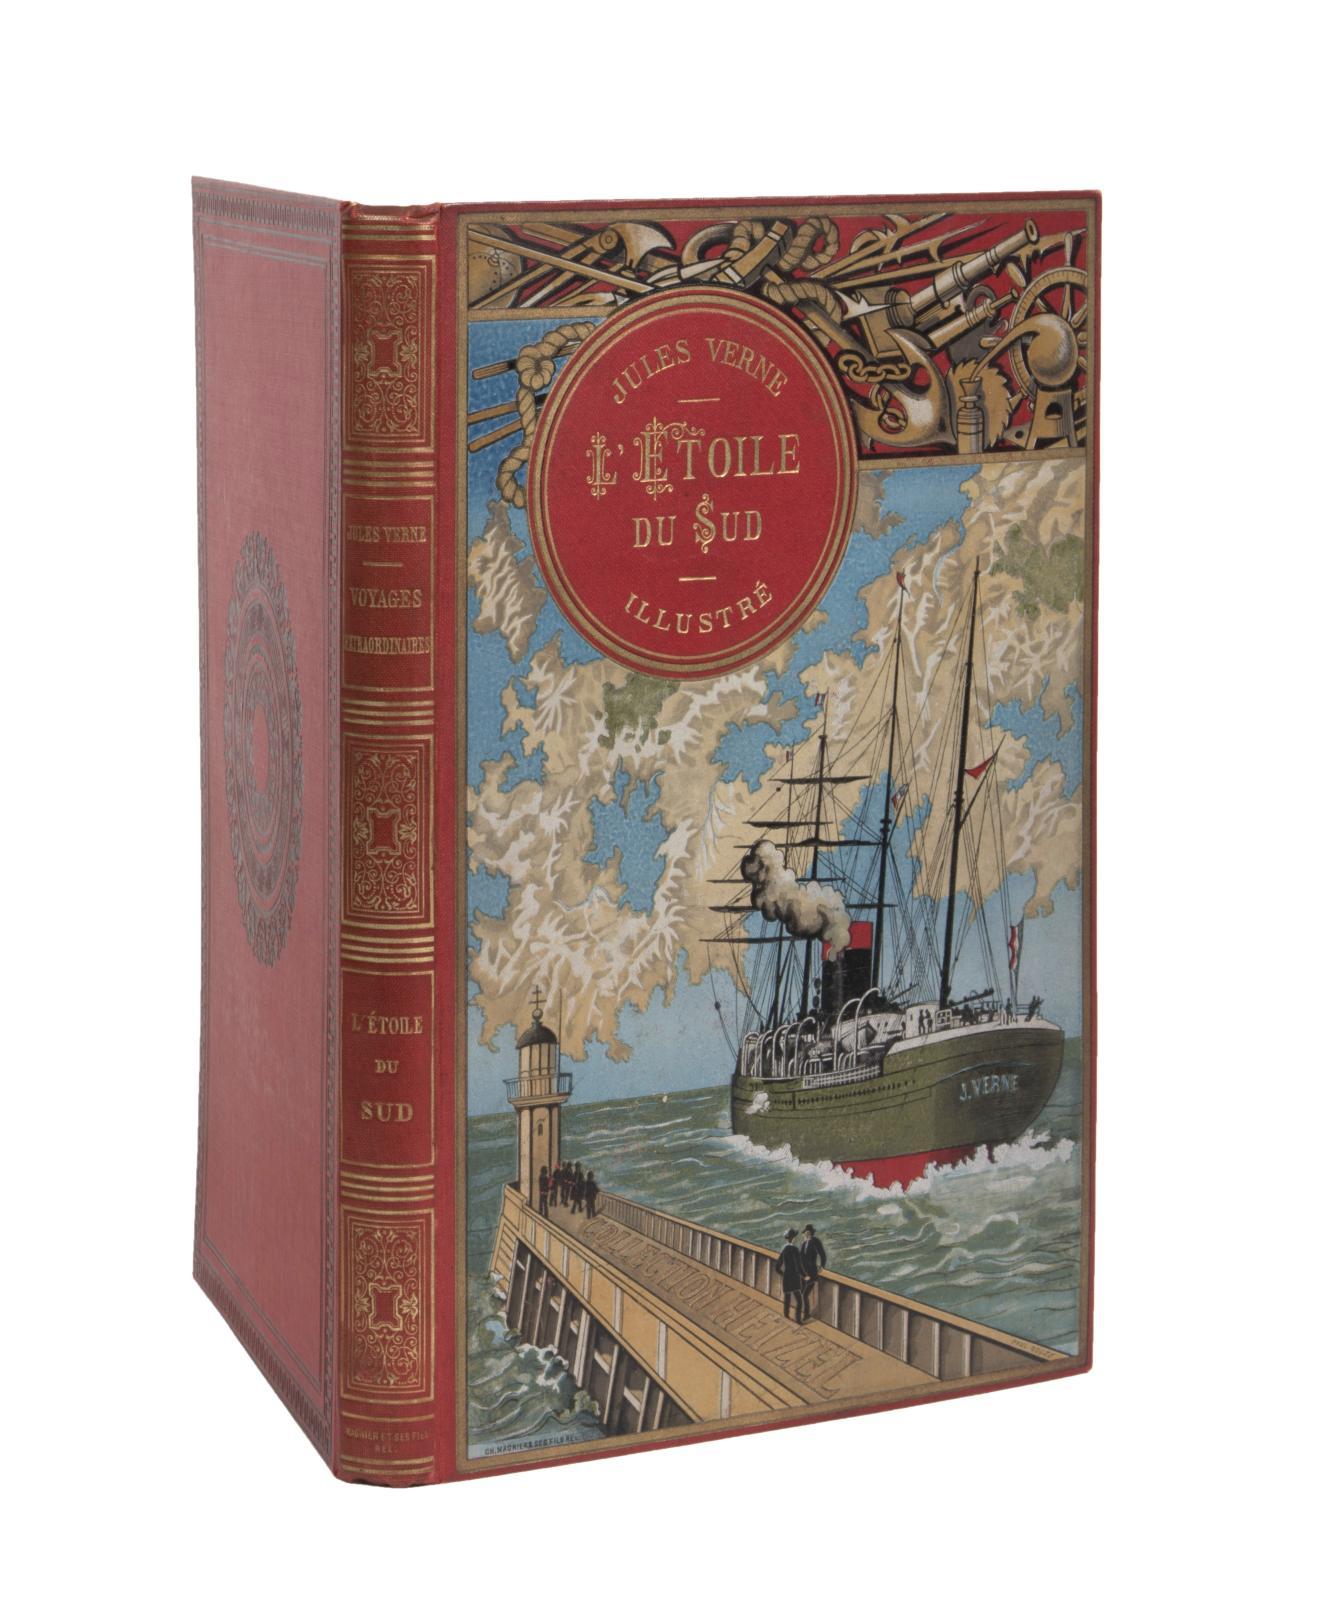 Jules Verne, L'Étoile du Sud, illustrations de Benett, Paris, «Bibliothèque d'éducation et de récréation», J.Hetzel Éditeur, sd[1897], grand in-8° s